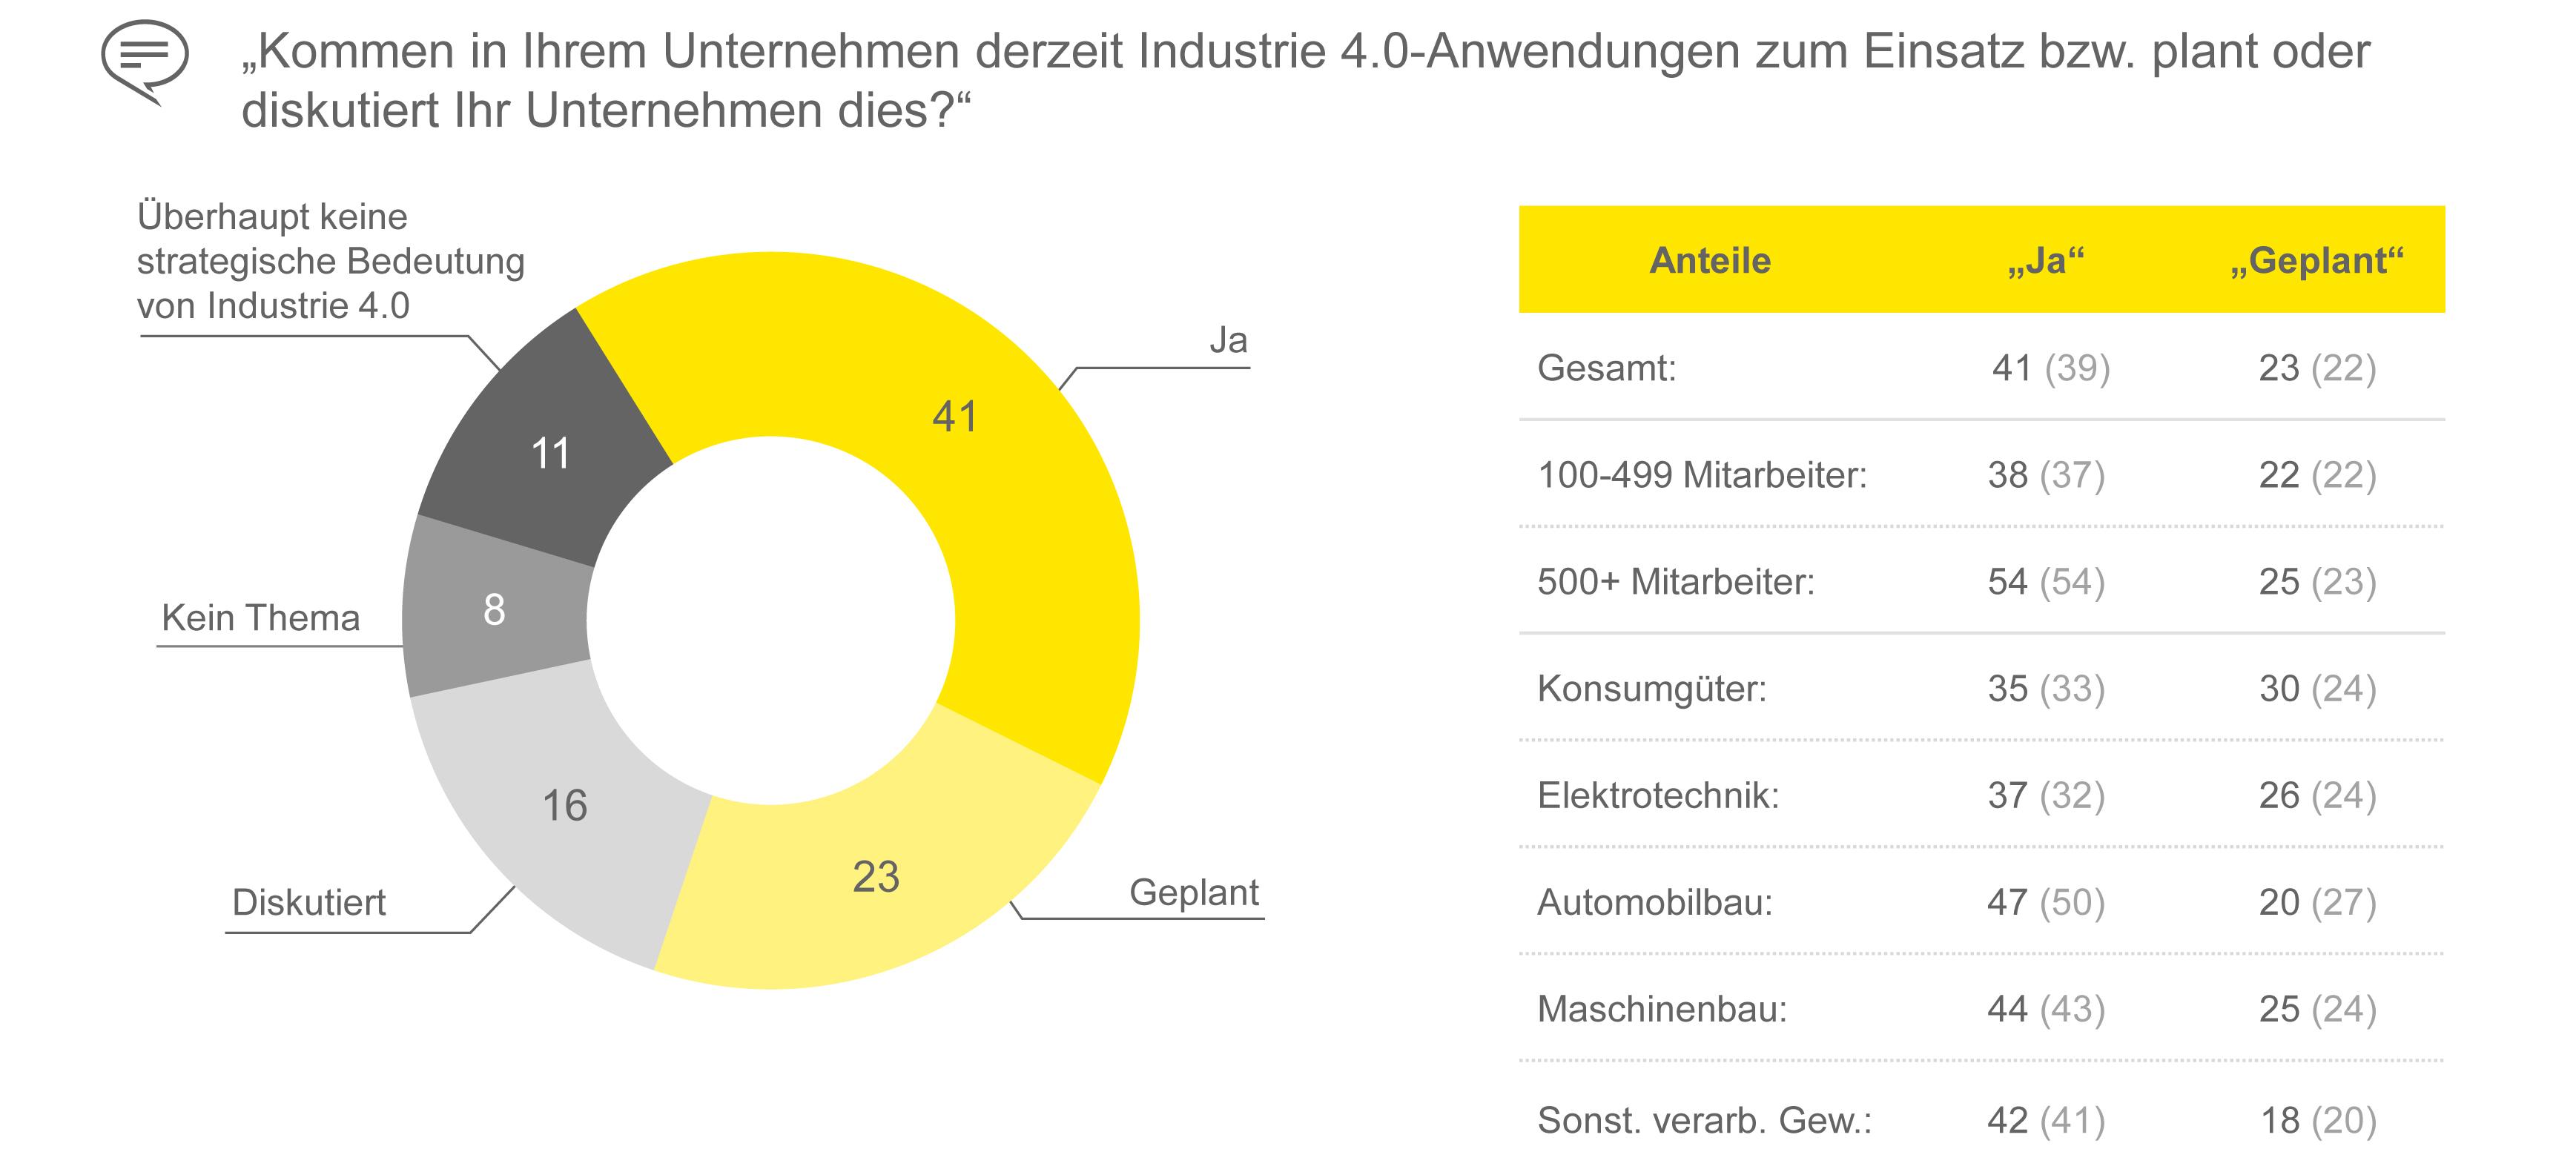 Industrie 4.0 verbreitet sich nur langsam